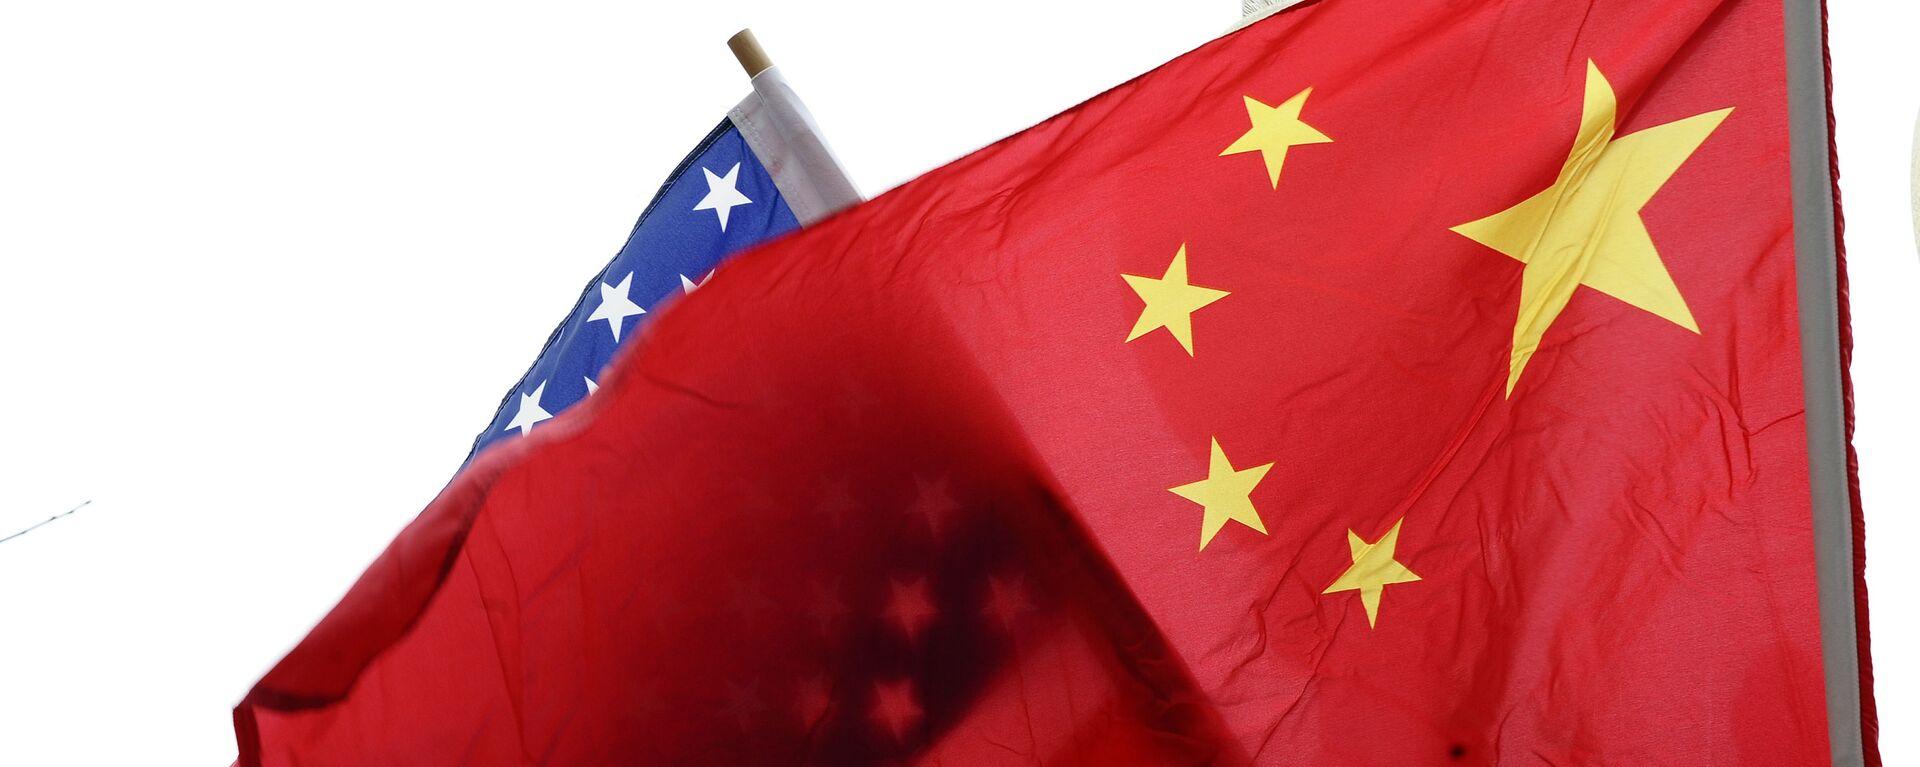 Флаги США и Китая, архивное фото - Sputnik Таджикистан, 1920, 26.05.2021